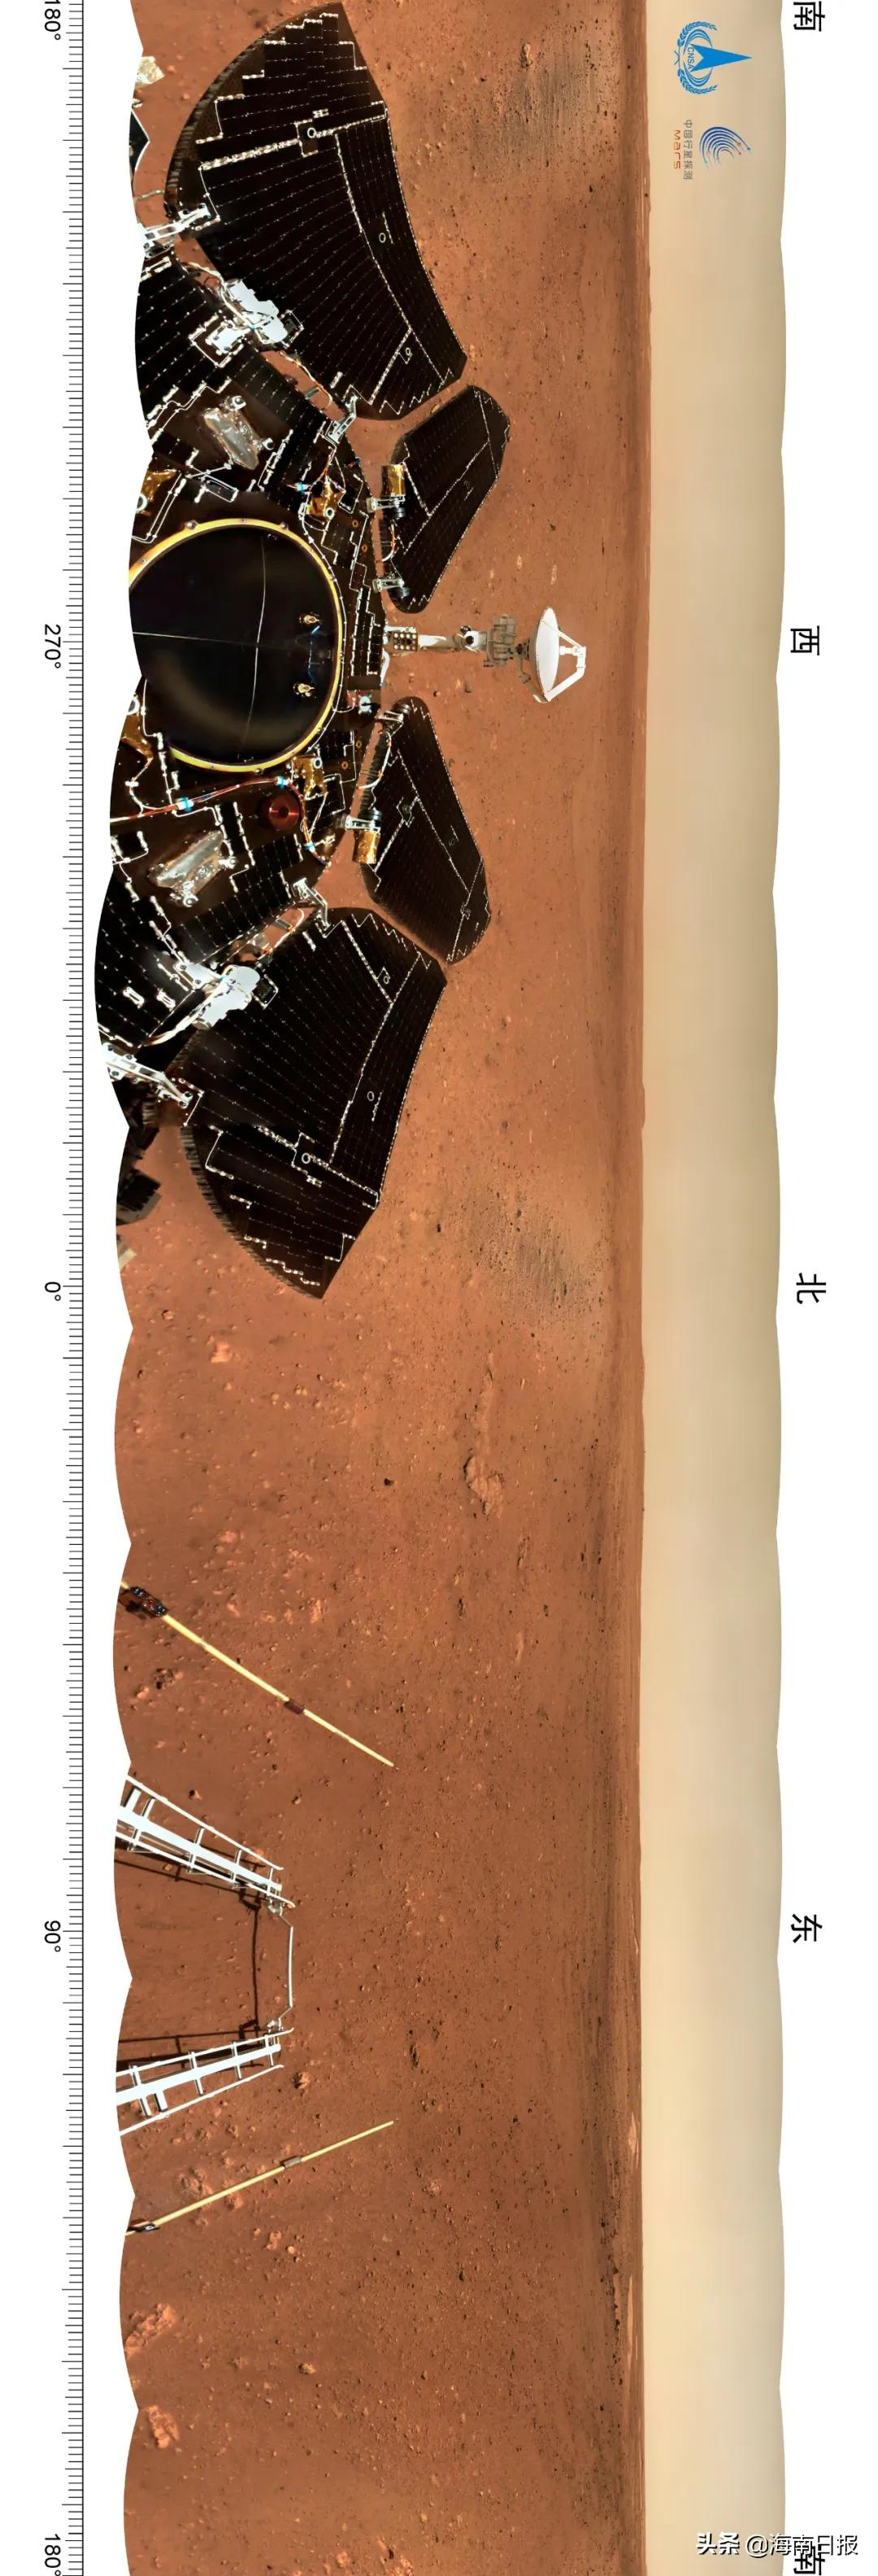 """祝融号火星车首批""""摄影作品""""公布-祝融号传回自拍"""